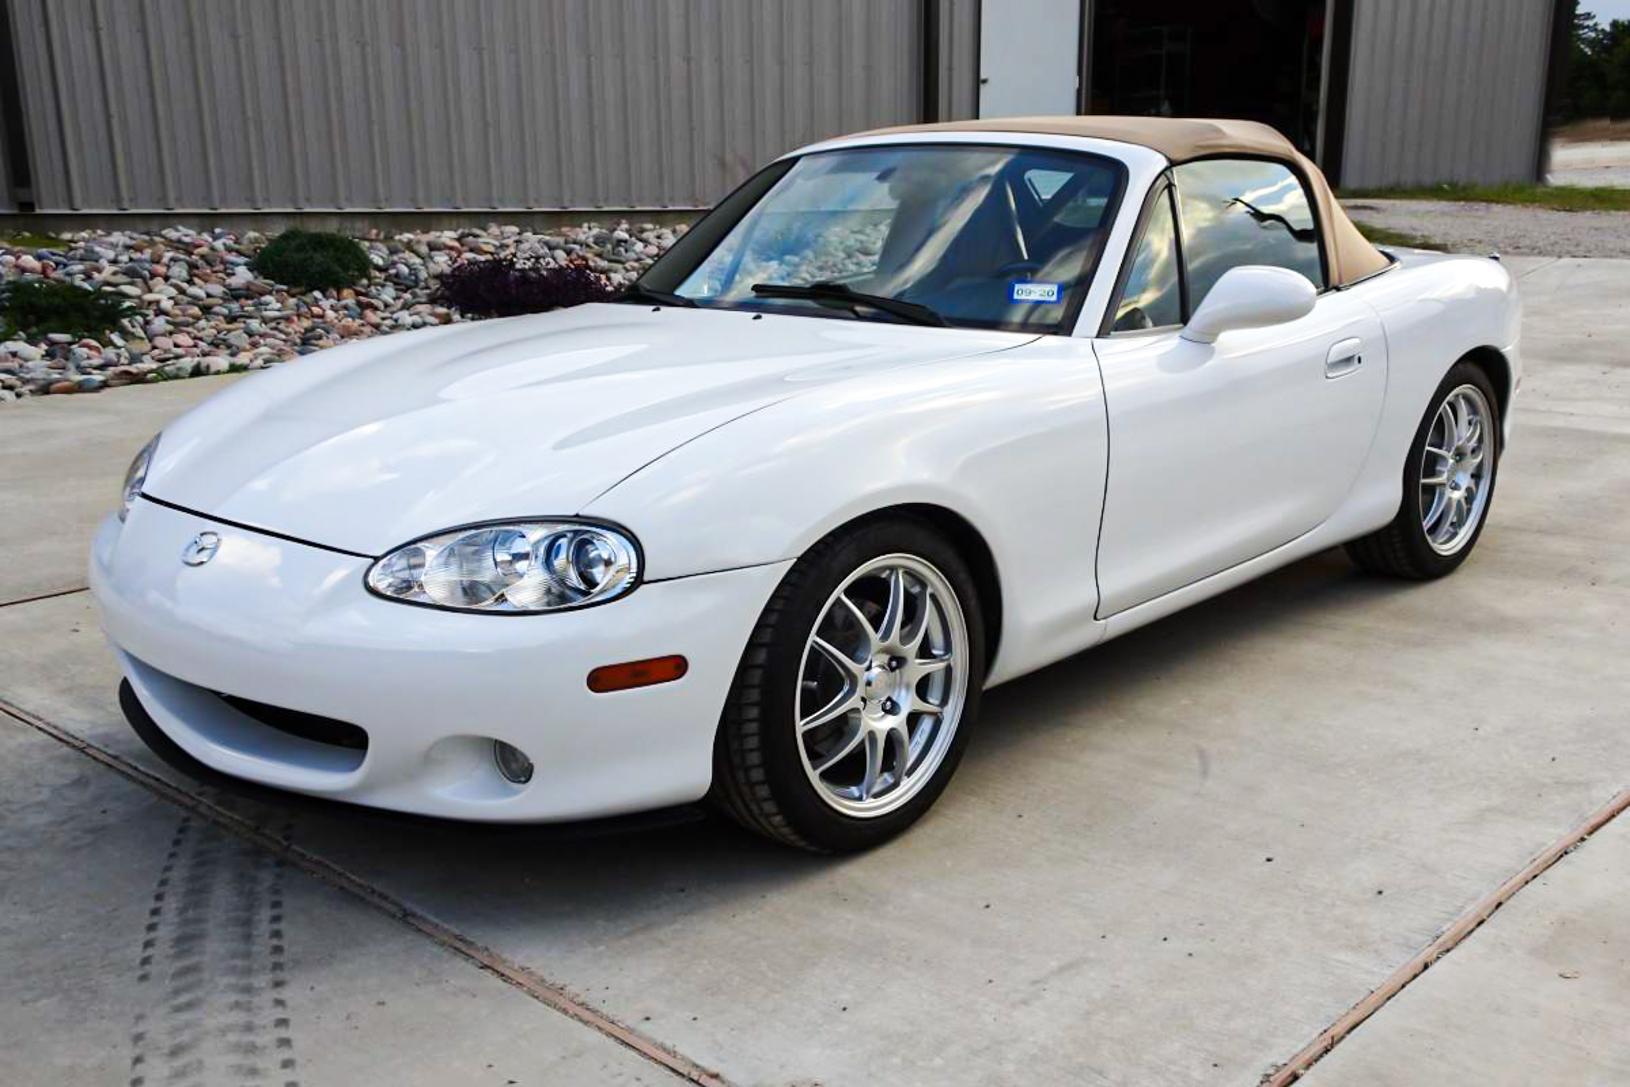 2001 Mazda MX-5 'Track Car'